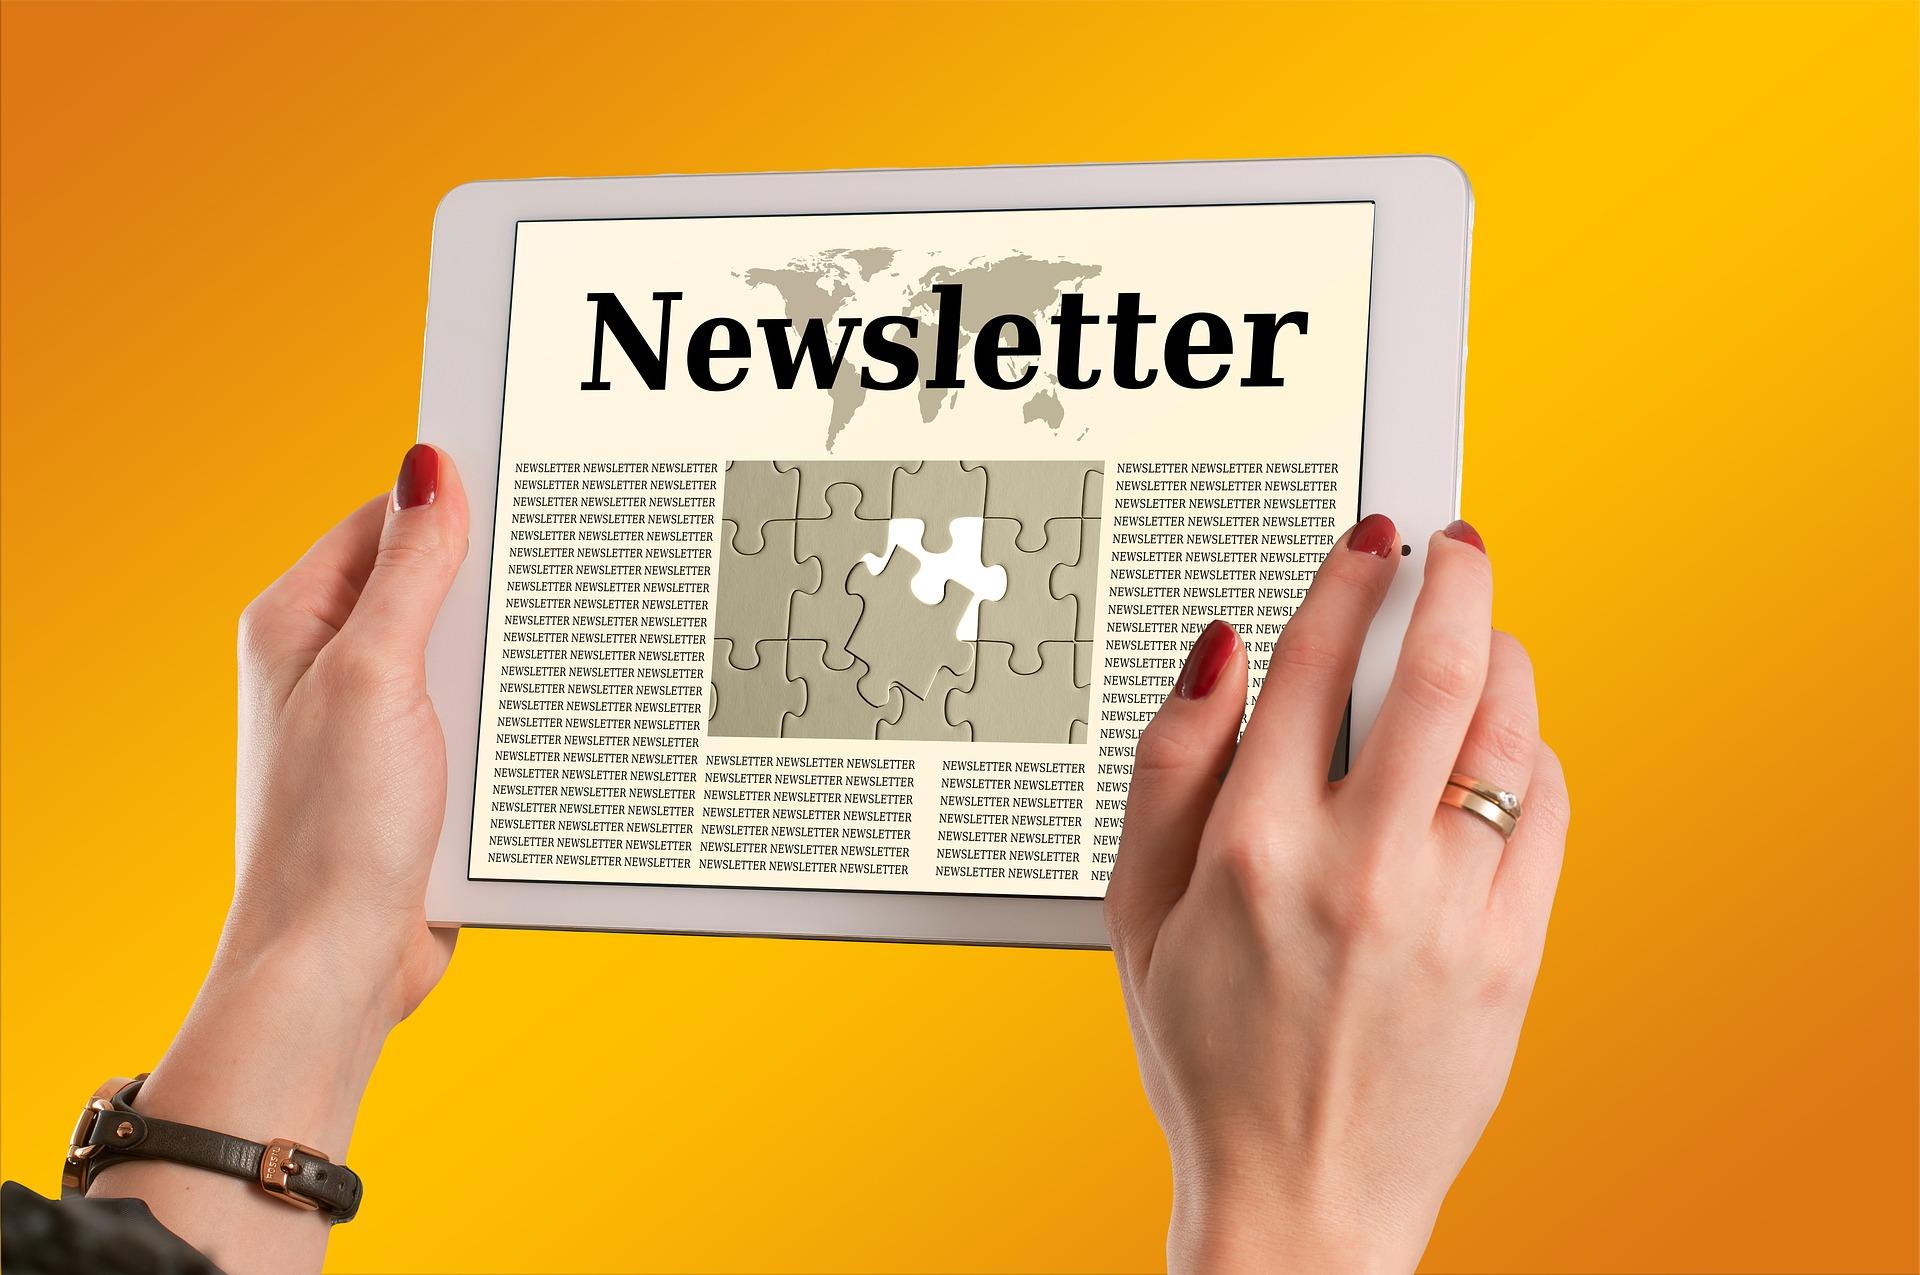 De nieuwe krant van Autobedrijf van As uit Apeldoorn